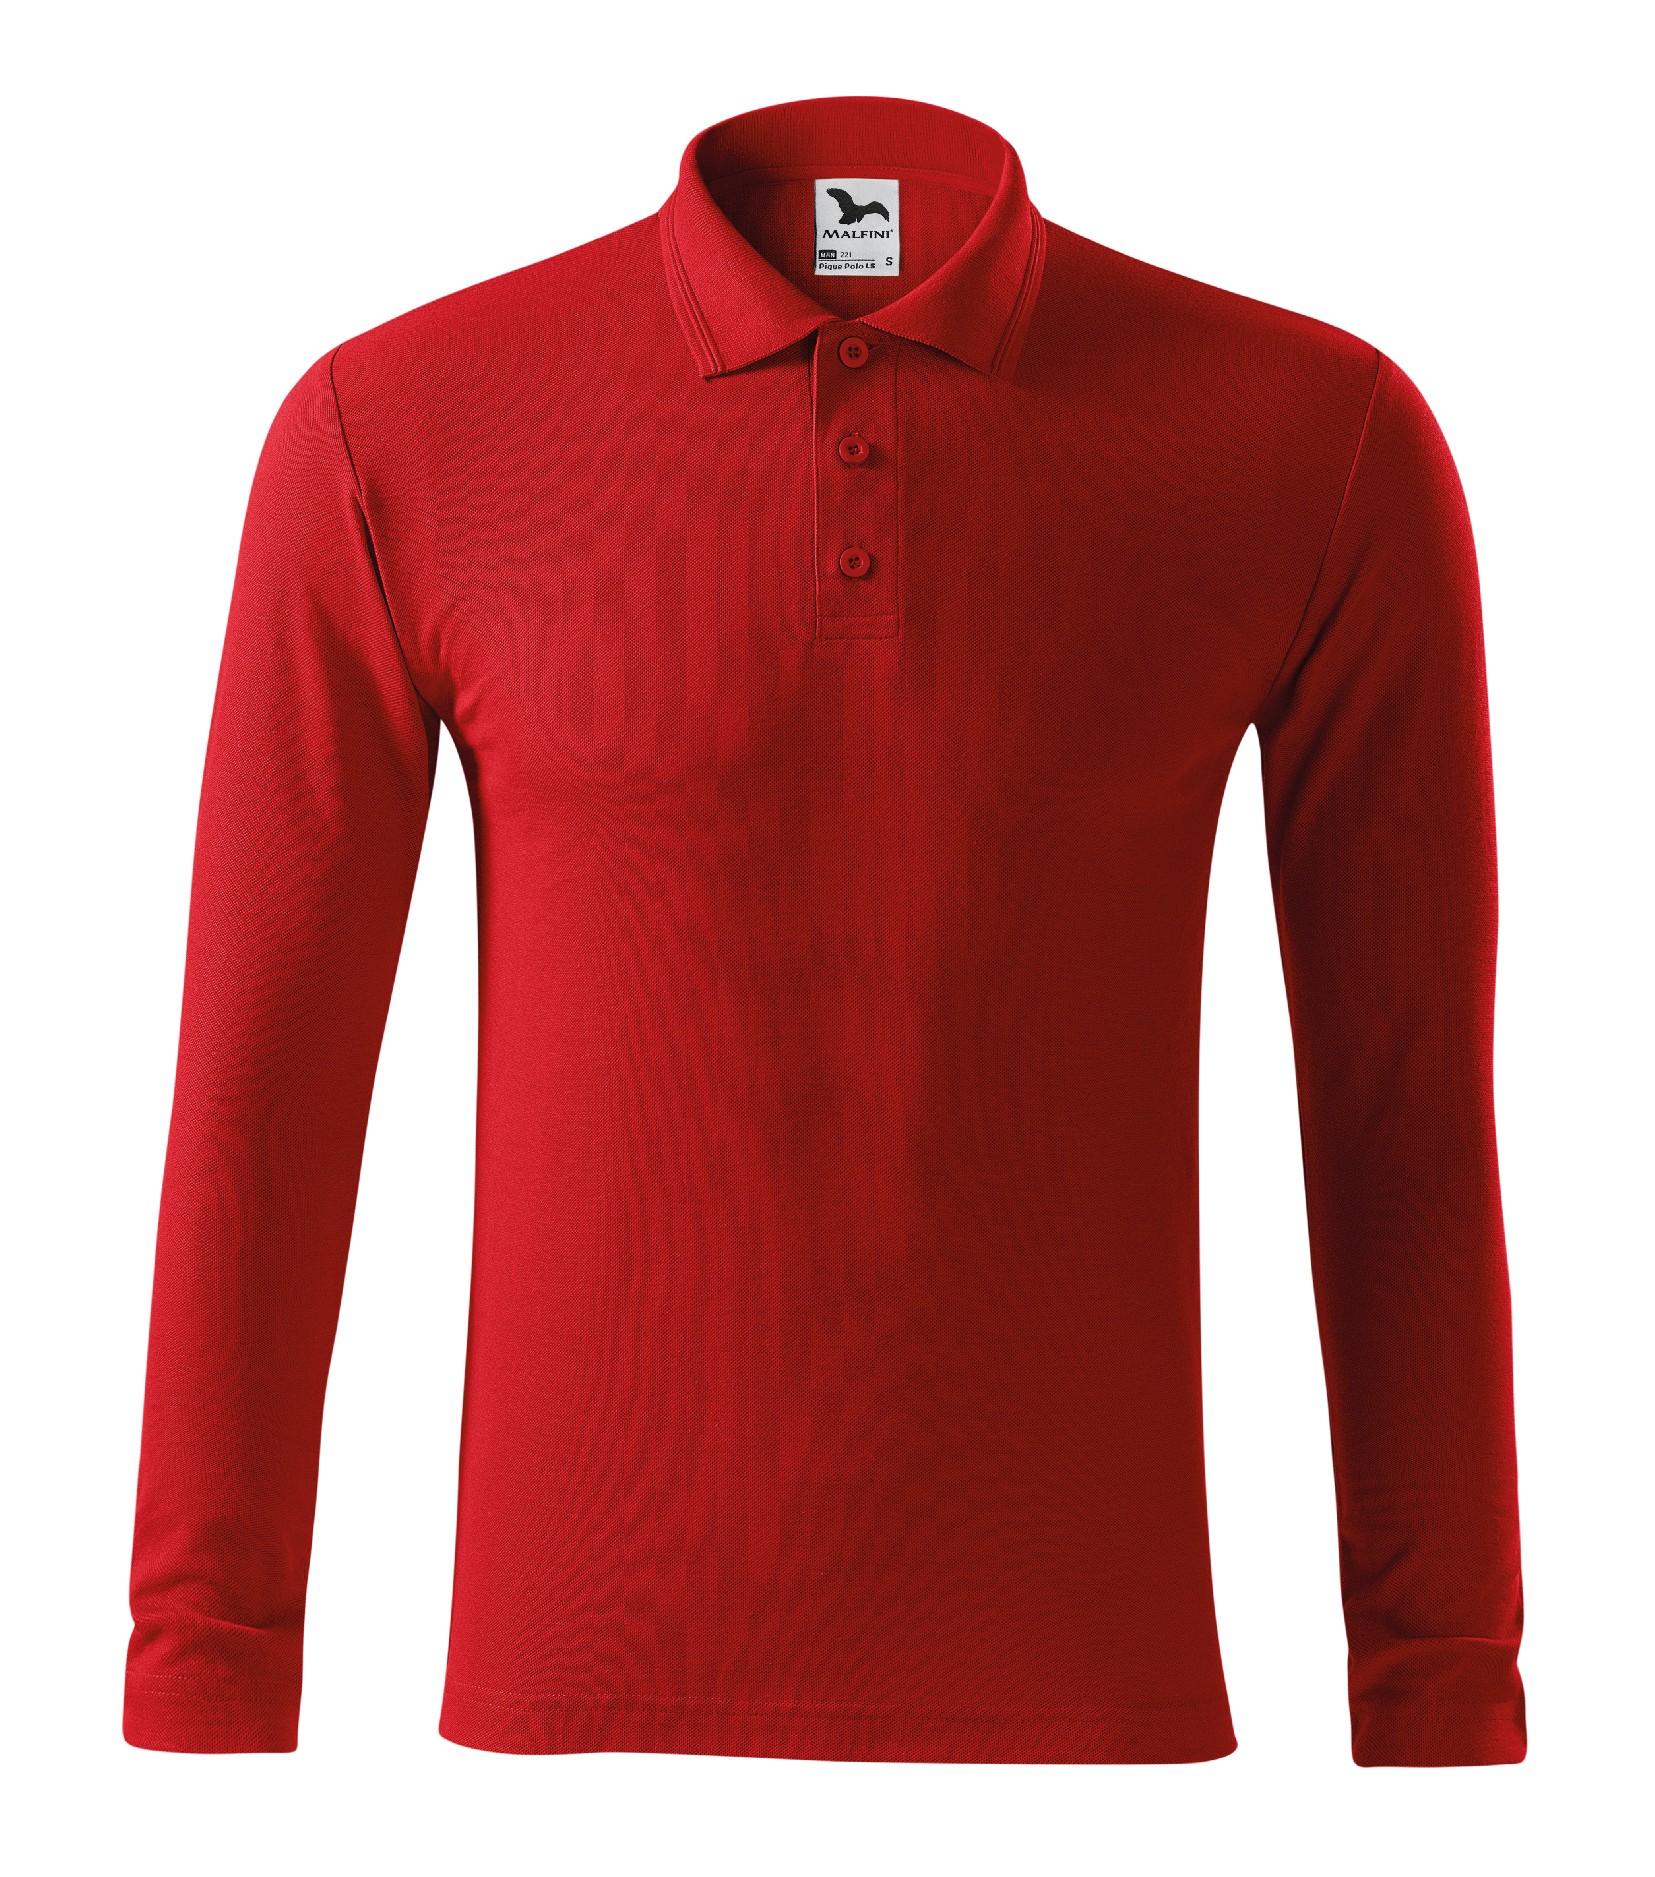 Polokošile pánská Pique Polo LS Barva: červená, Velikost: L